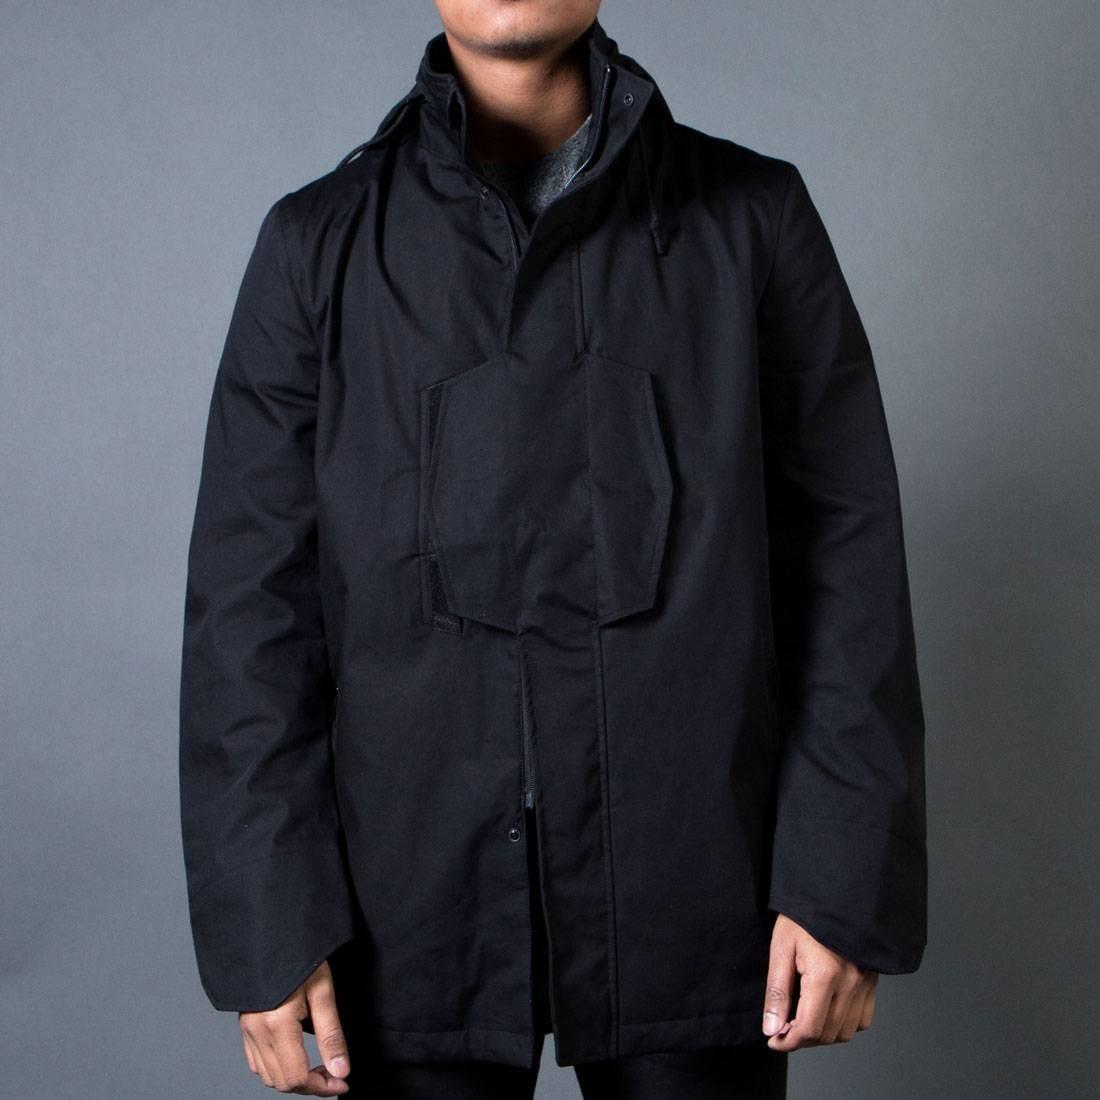 Adidas Y-3 Men Layer Jacket (black)